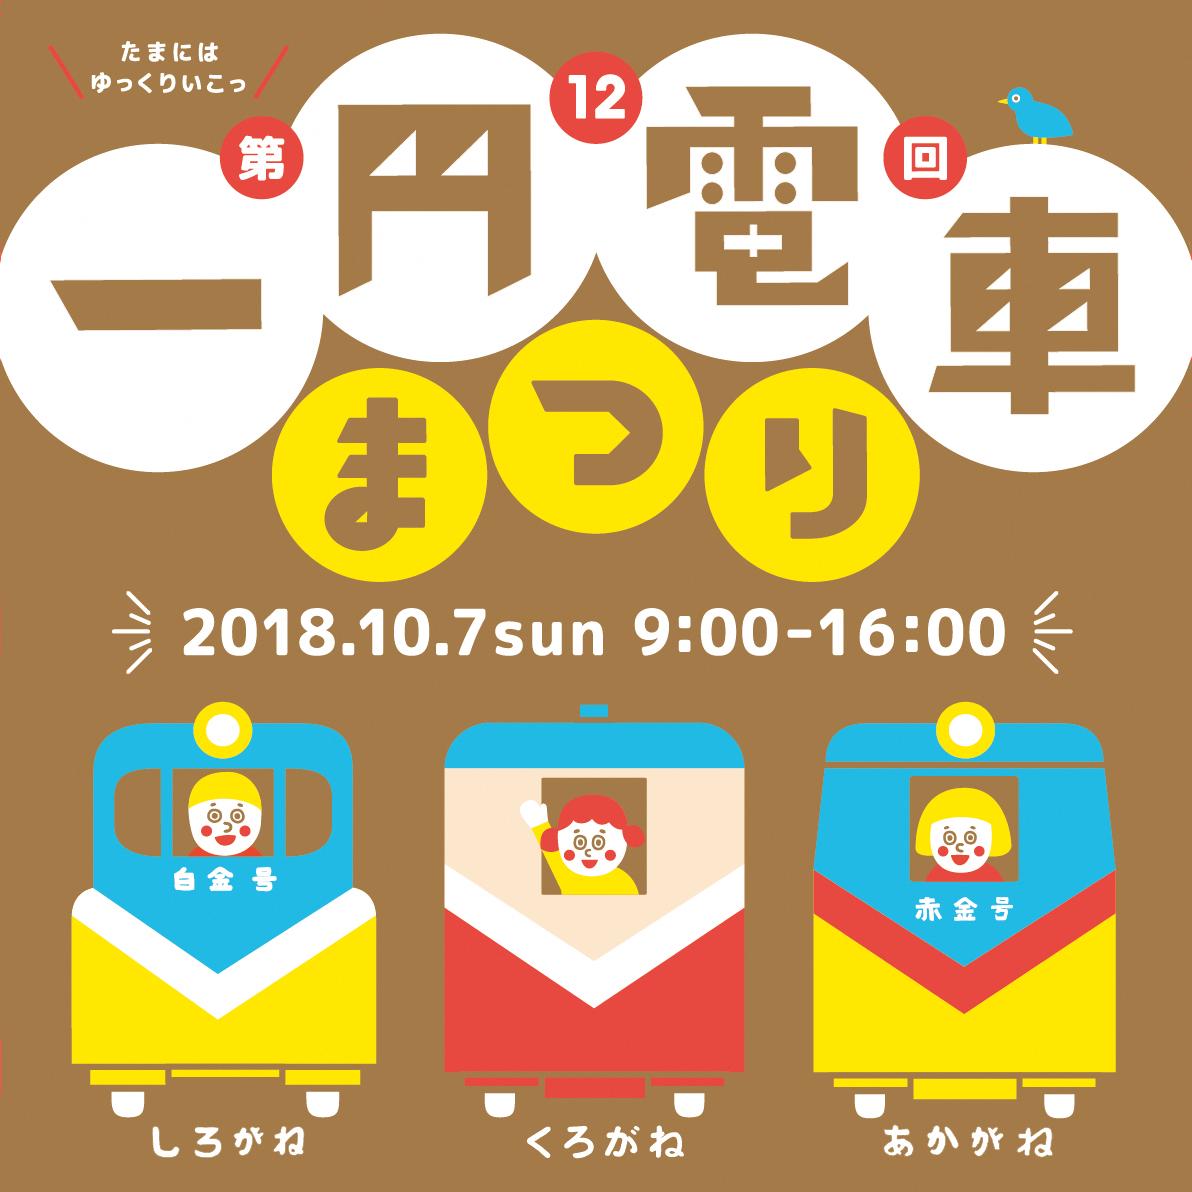 一円電車まつり2018チラシ表